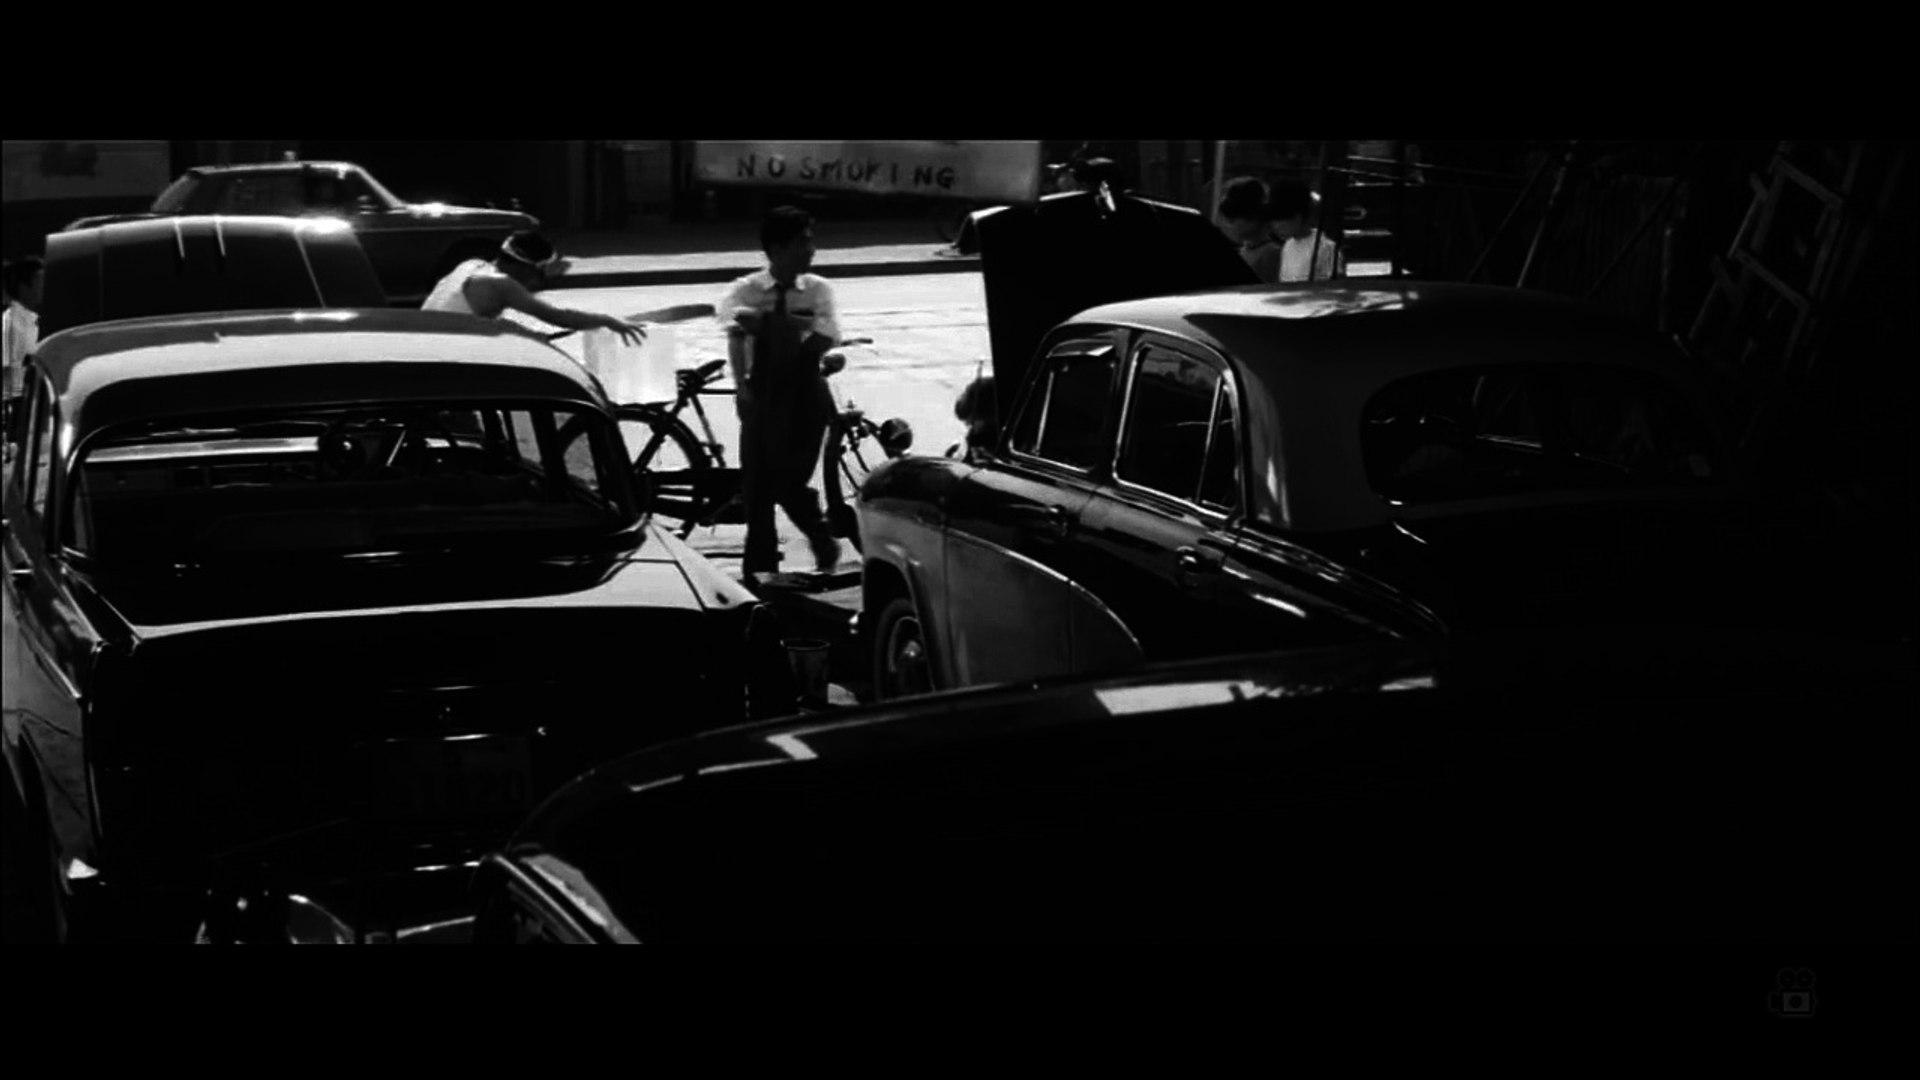 1964 0721 悪の紋章-1 - 動画 Dailymotion